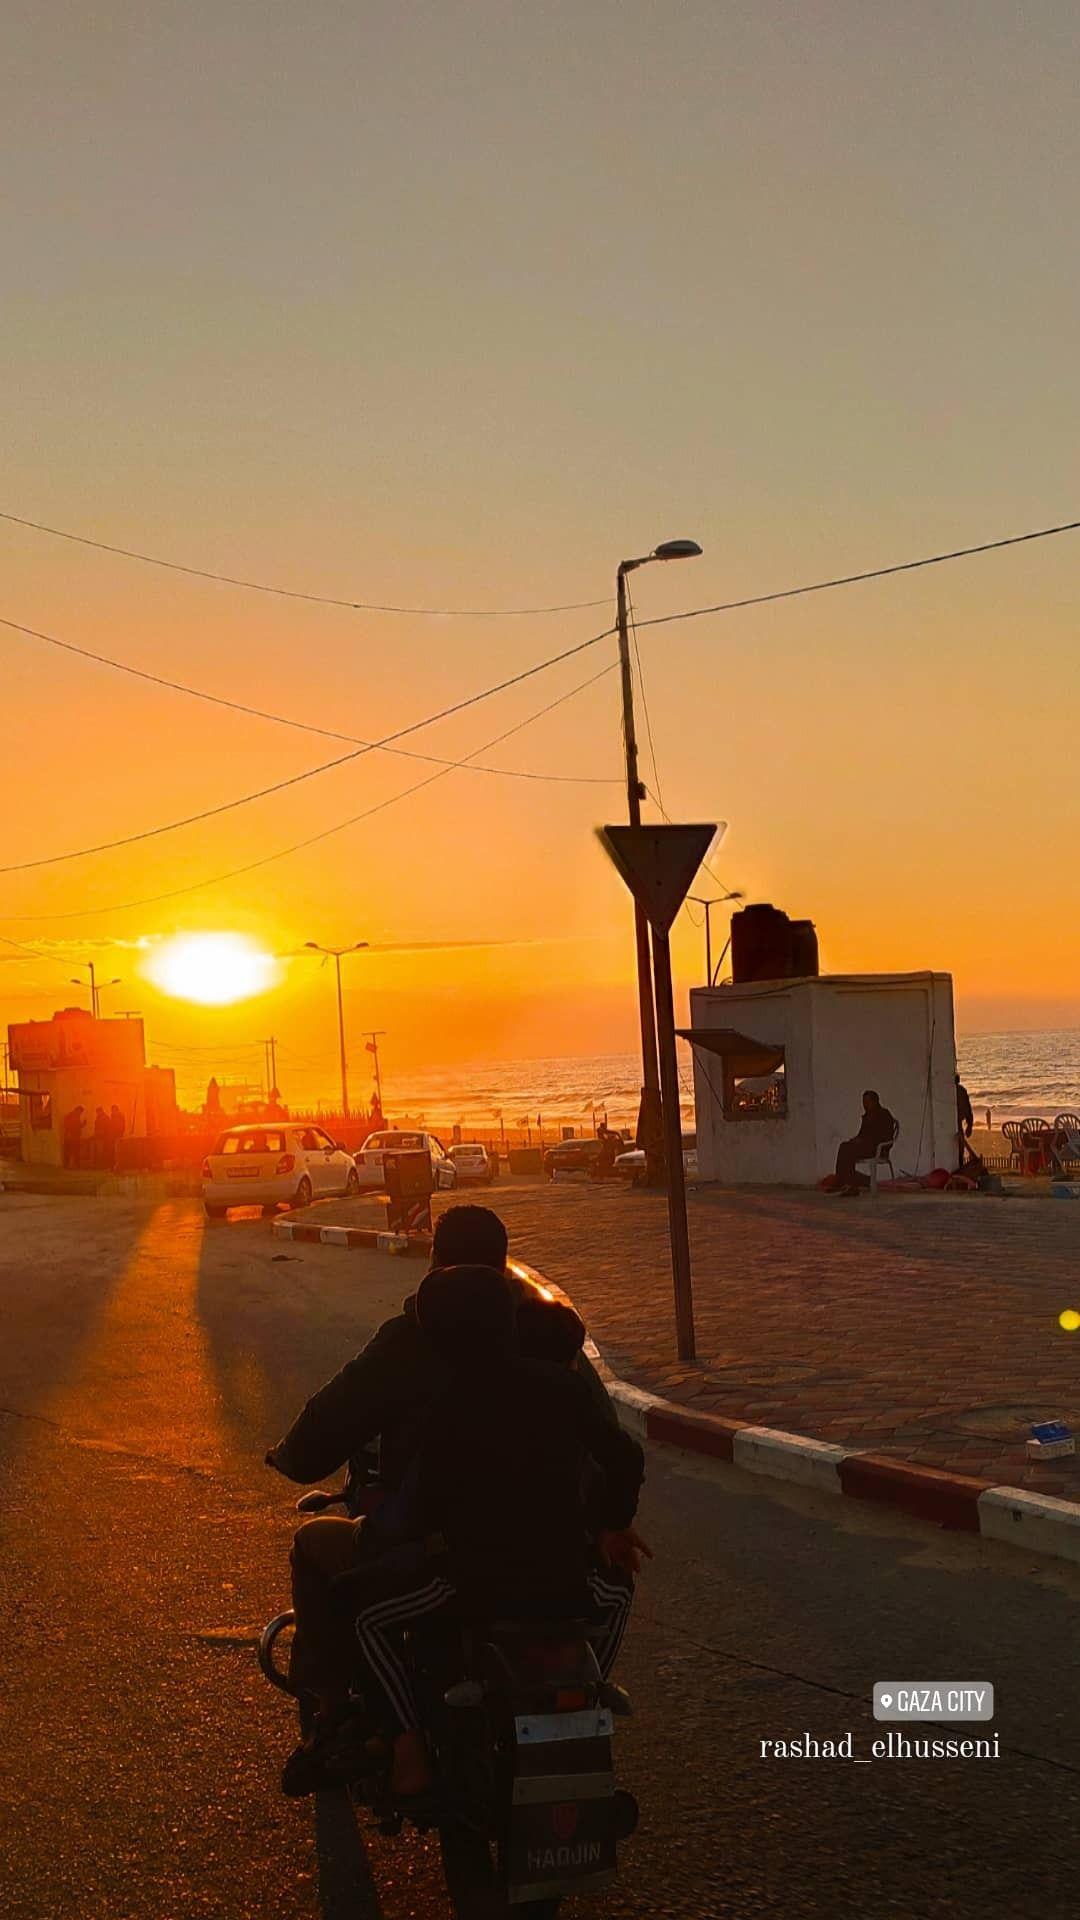 ورد أصفر طبيعة شجر اصفر غزة طبيعة جميل فلسطين القدس كلام تصوير صور ابيض صباح خير صل In 2021 Outdoor Sea Celestial